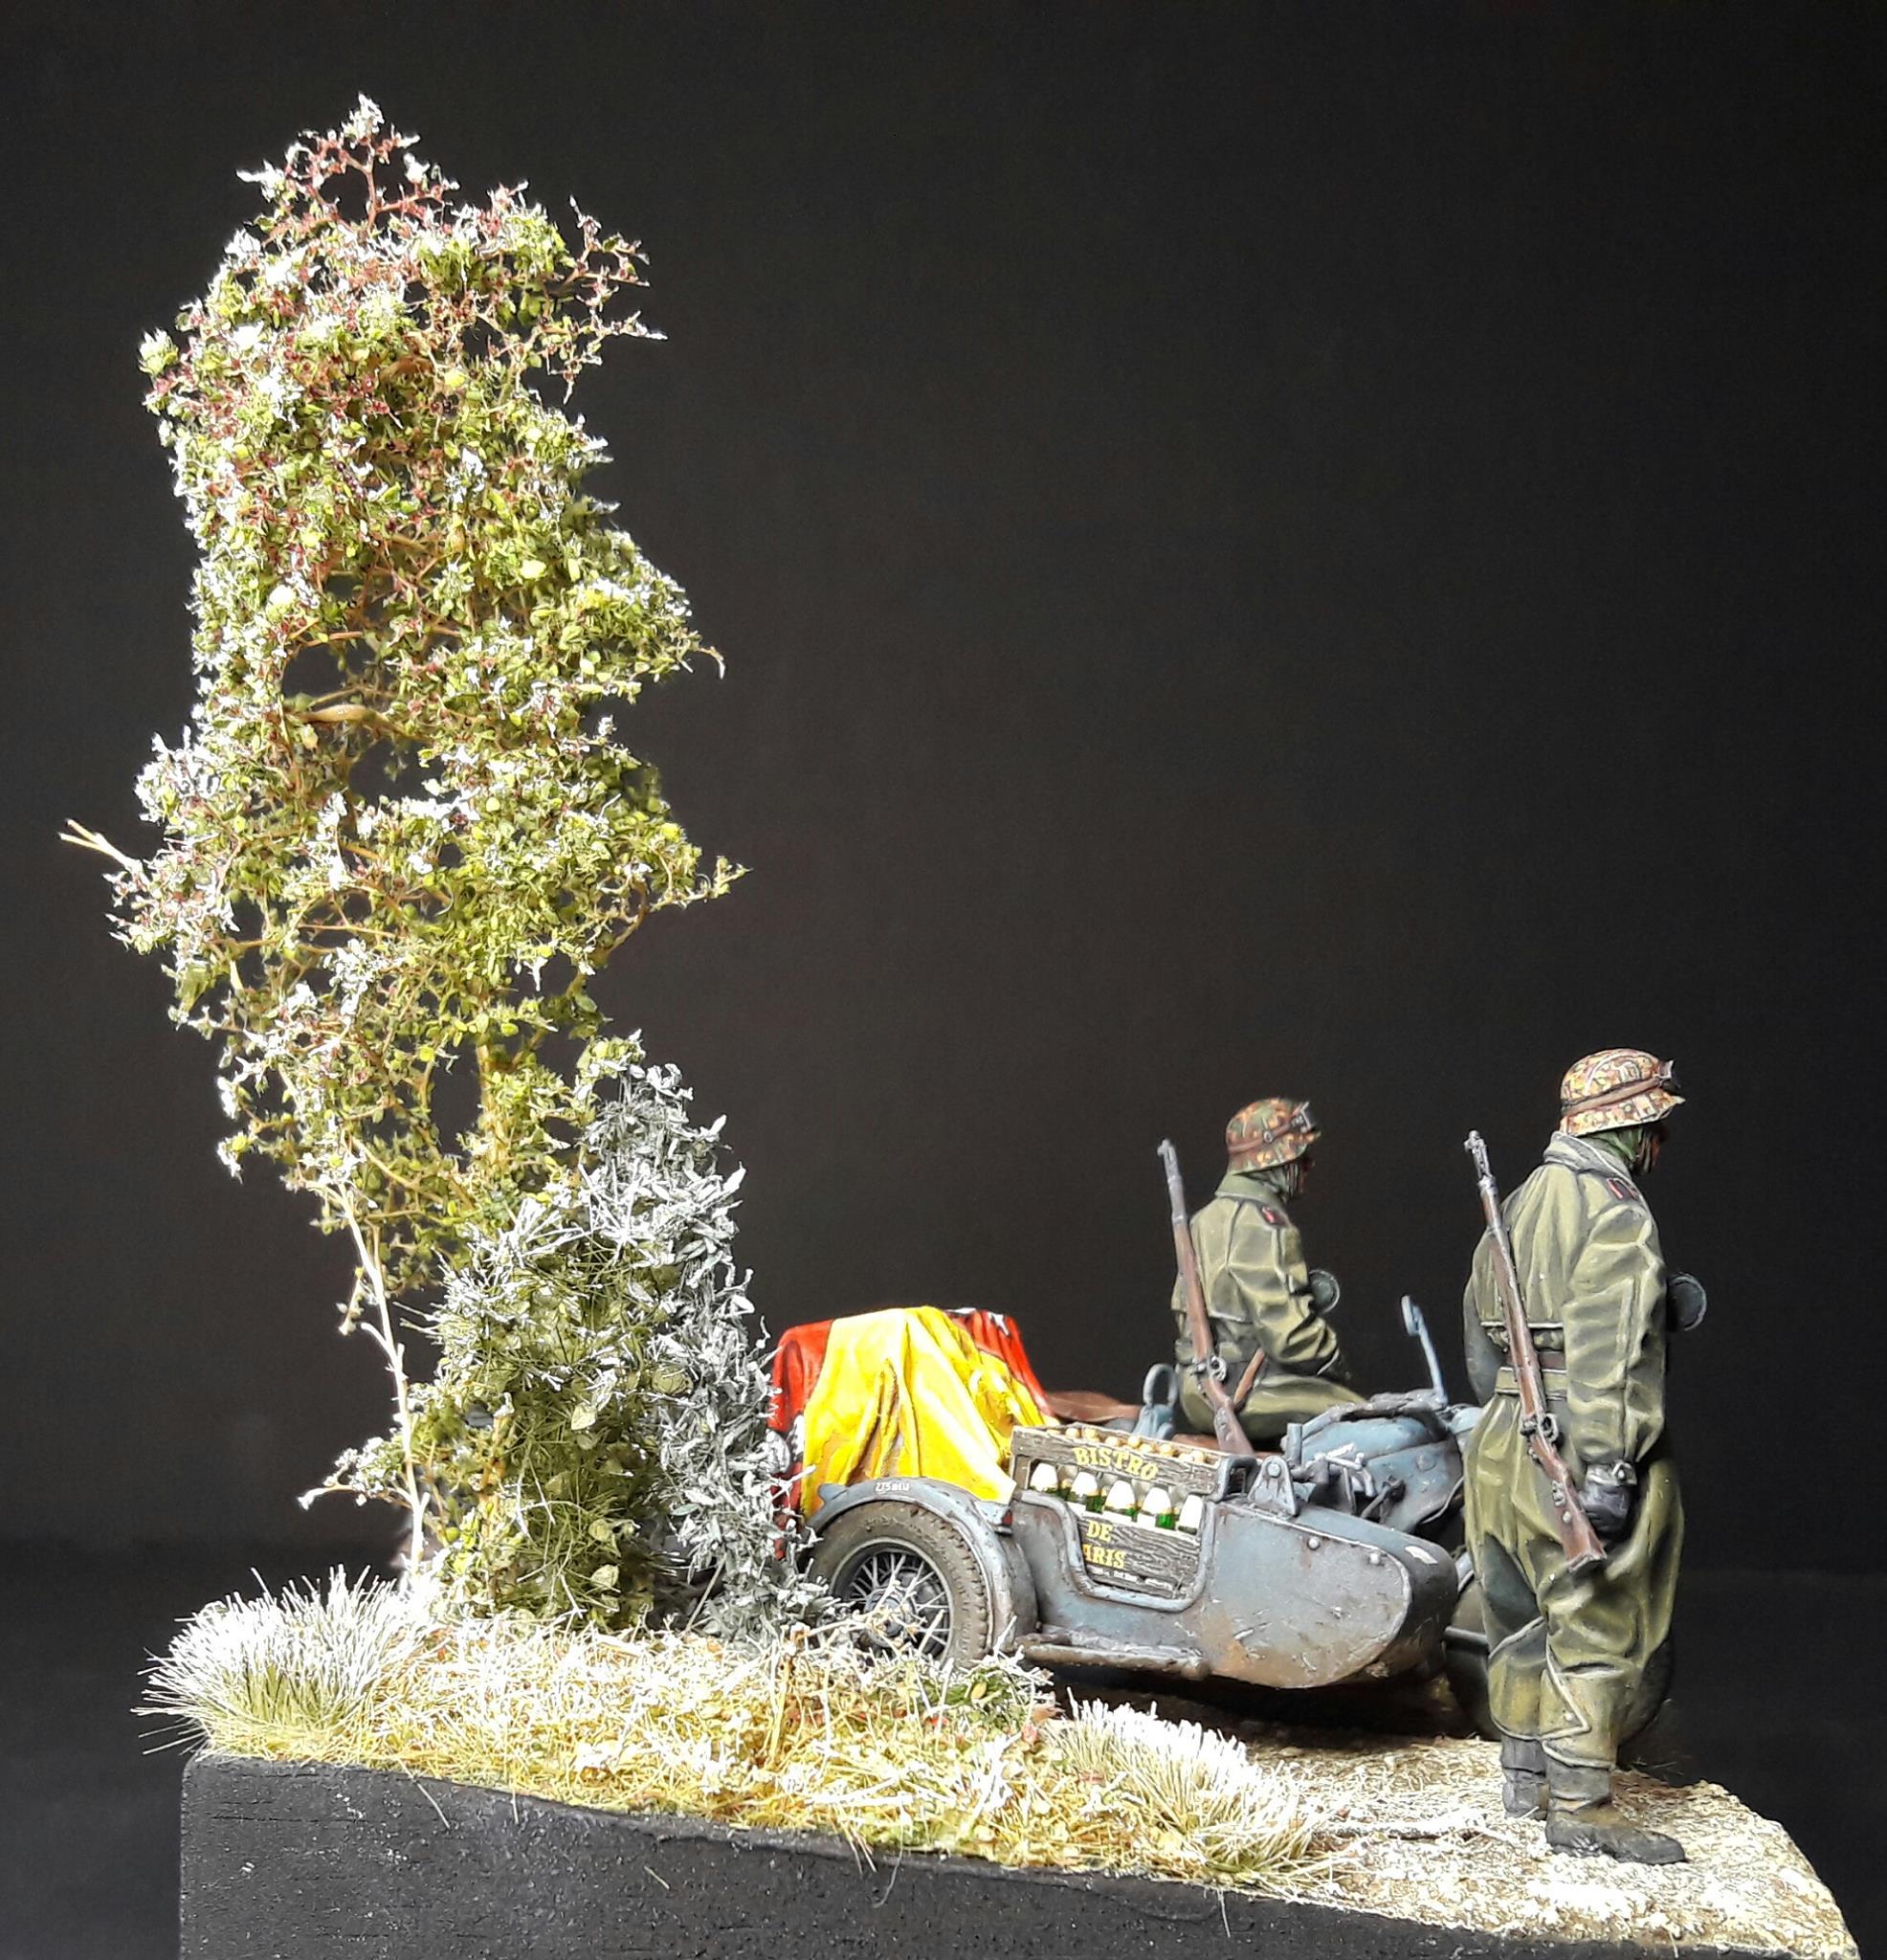 Zündapp KS750 - Sidecar - Great Wall Hobby + figurines Alpine - 1/35 - Page 5 7487252013249010211805848196190209722128o